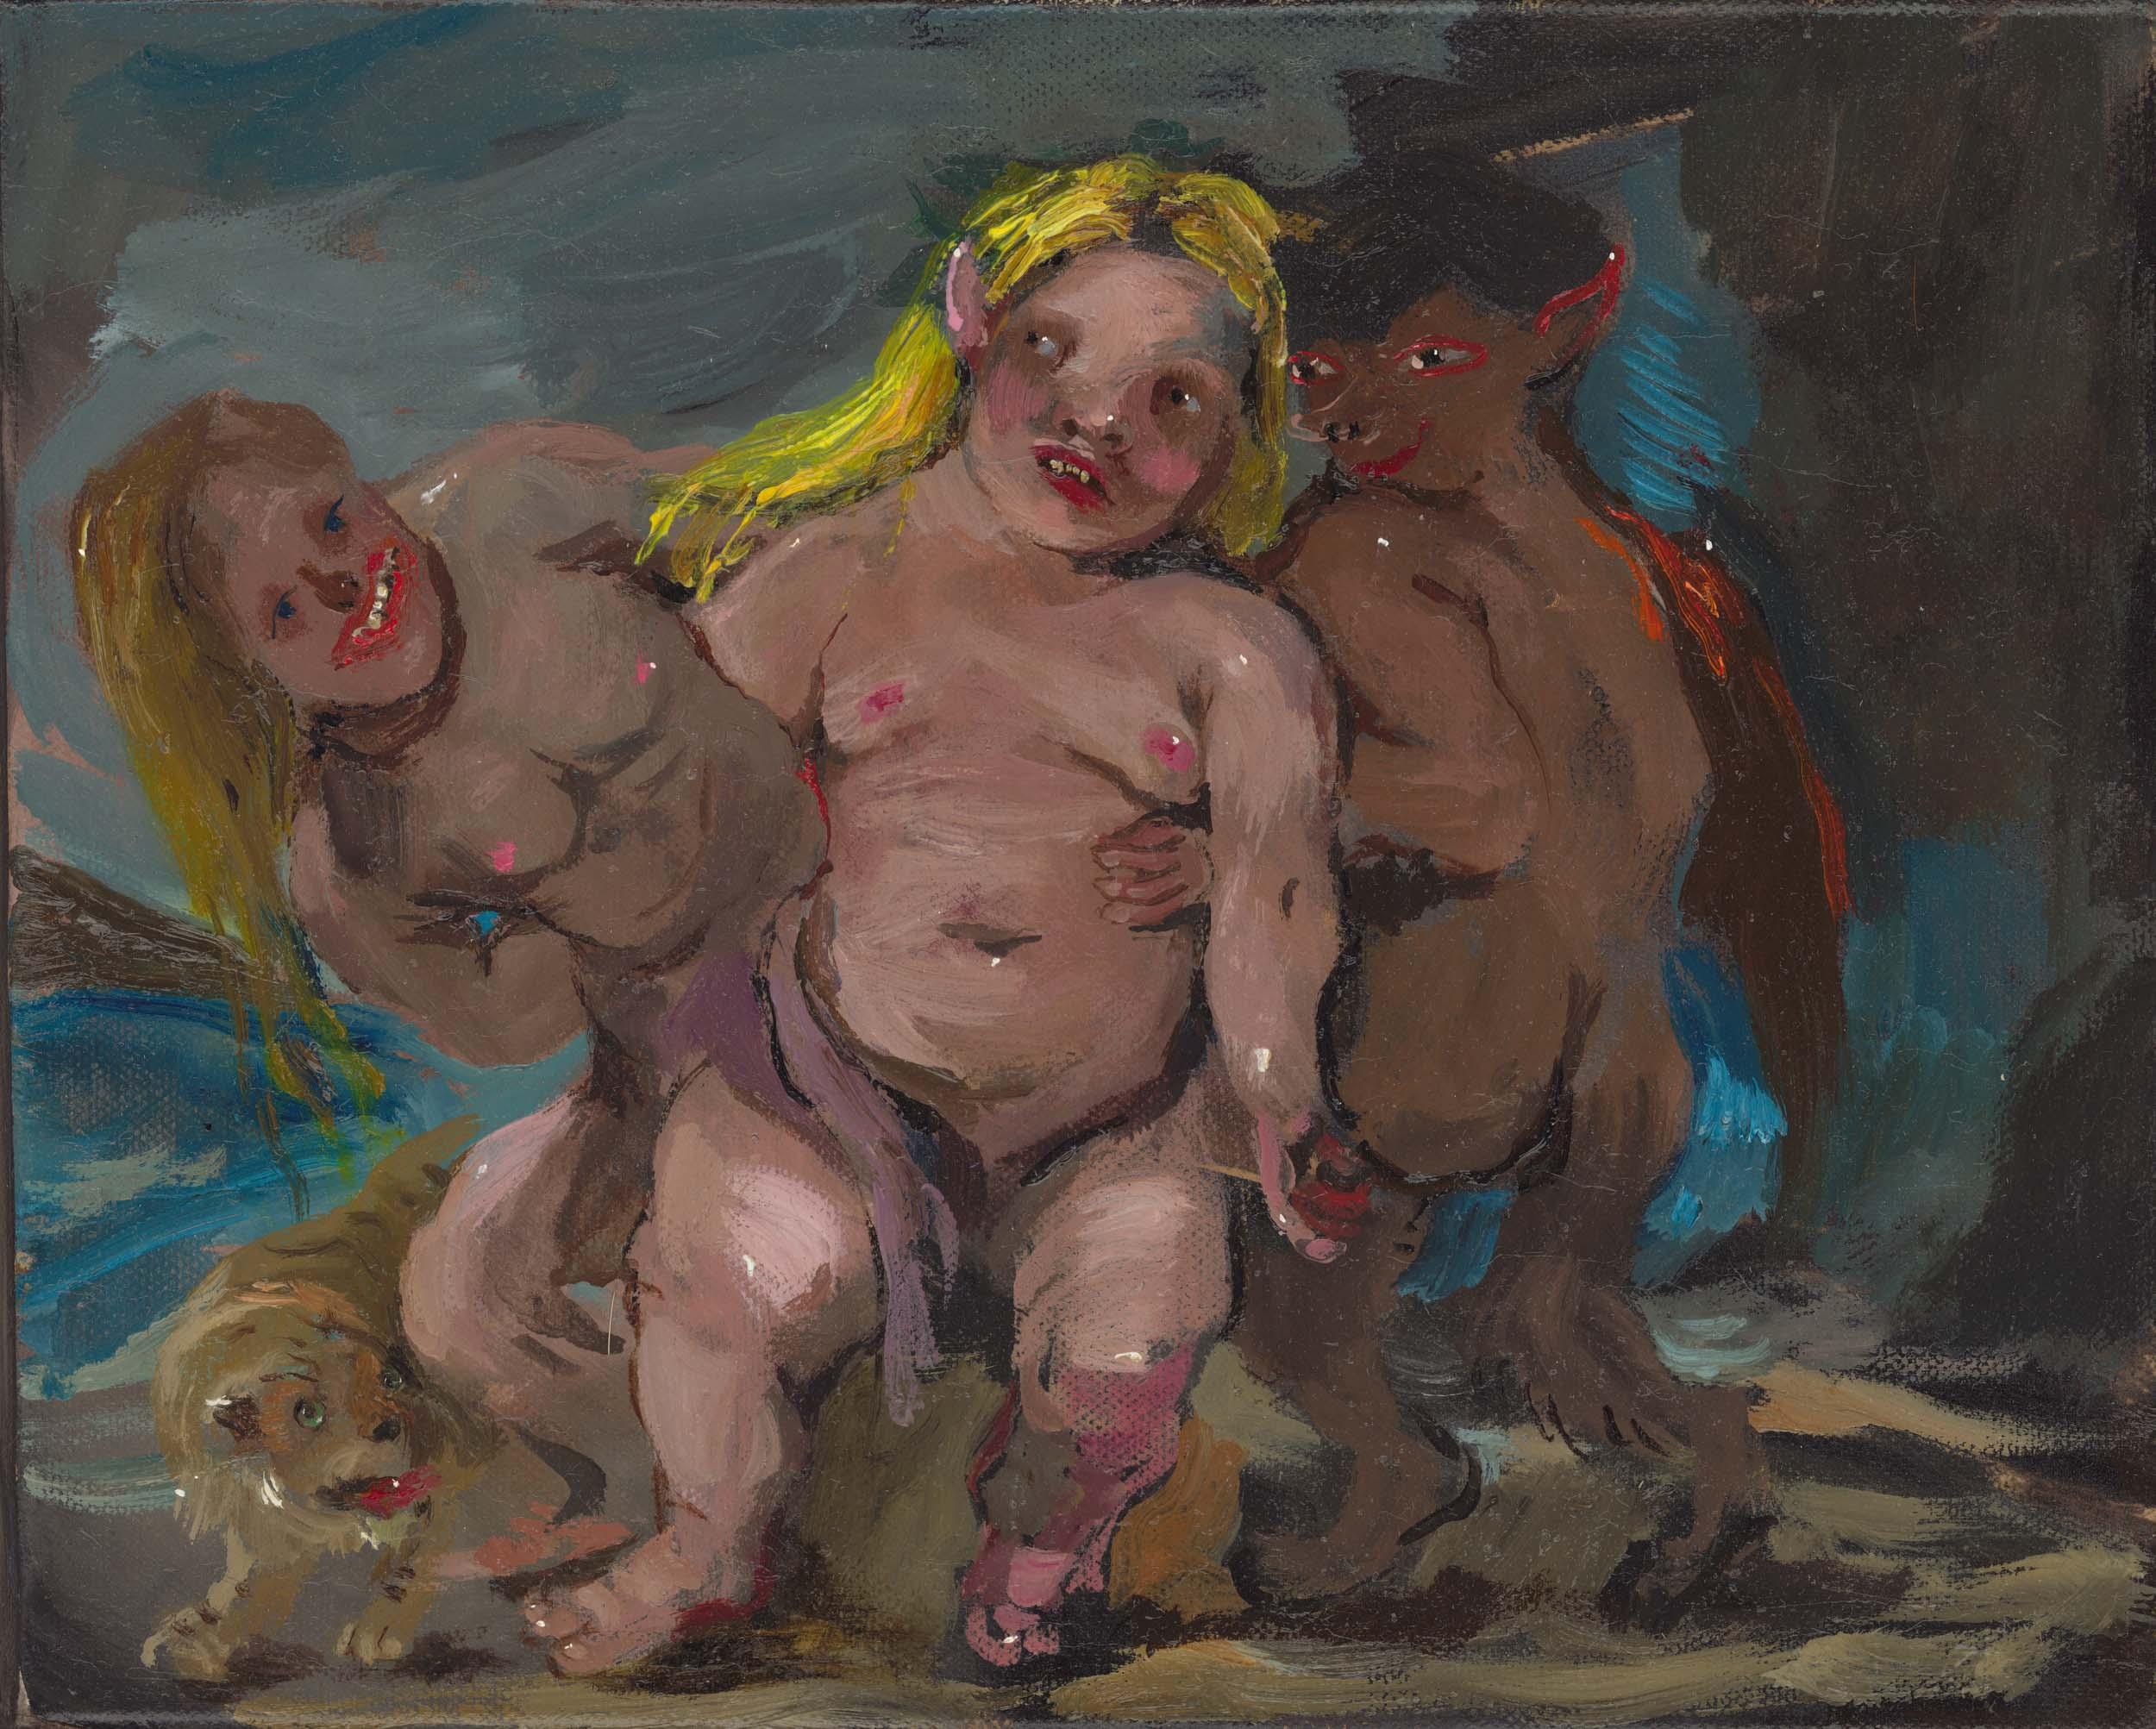 sartore adria - Nach Rubens mit ohren / After Rubens with Ears